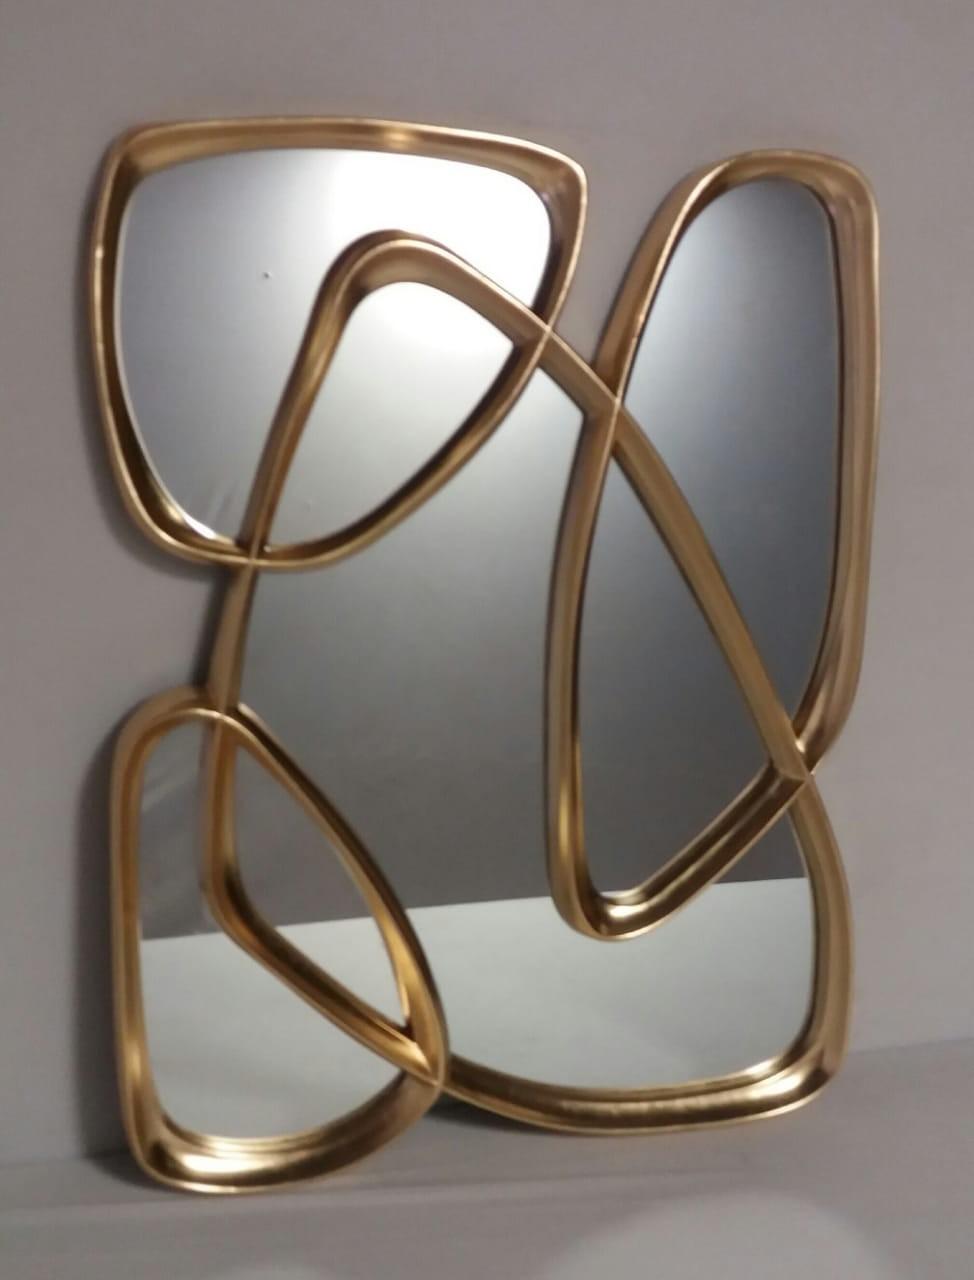 Espelho Abstrato com bordas Dourada - Frontier